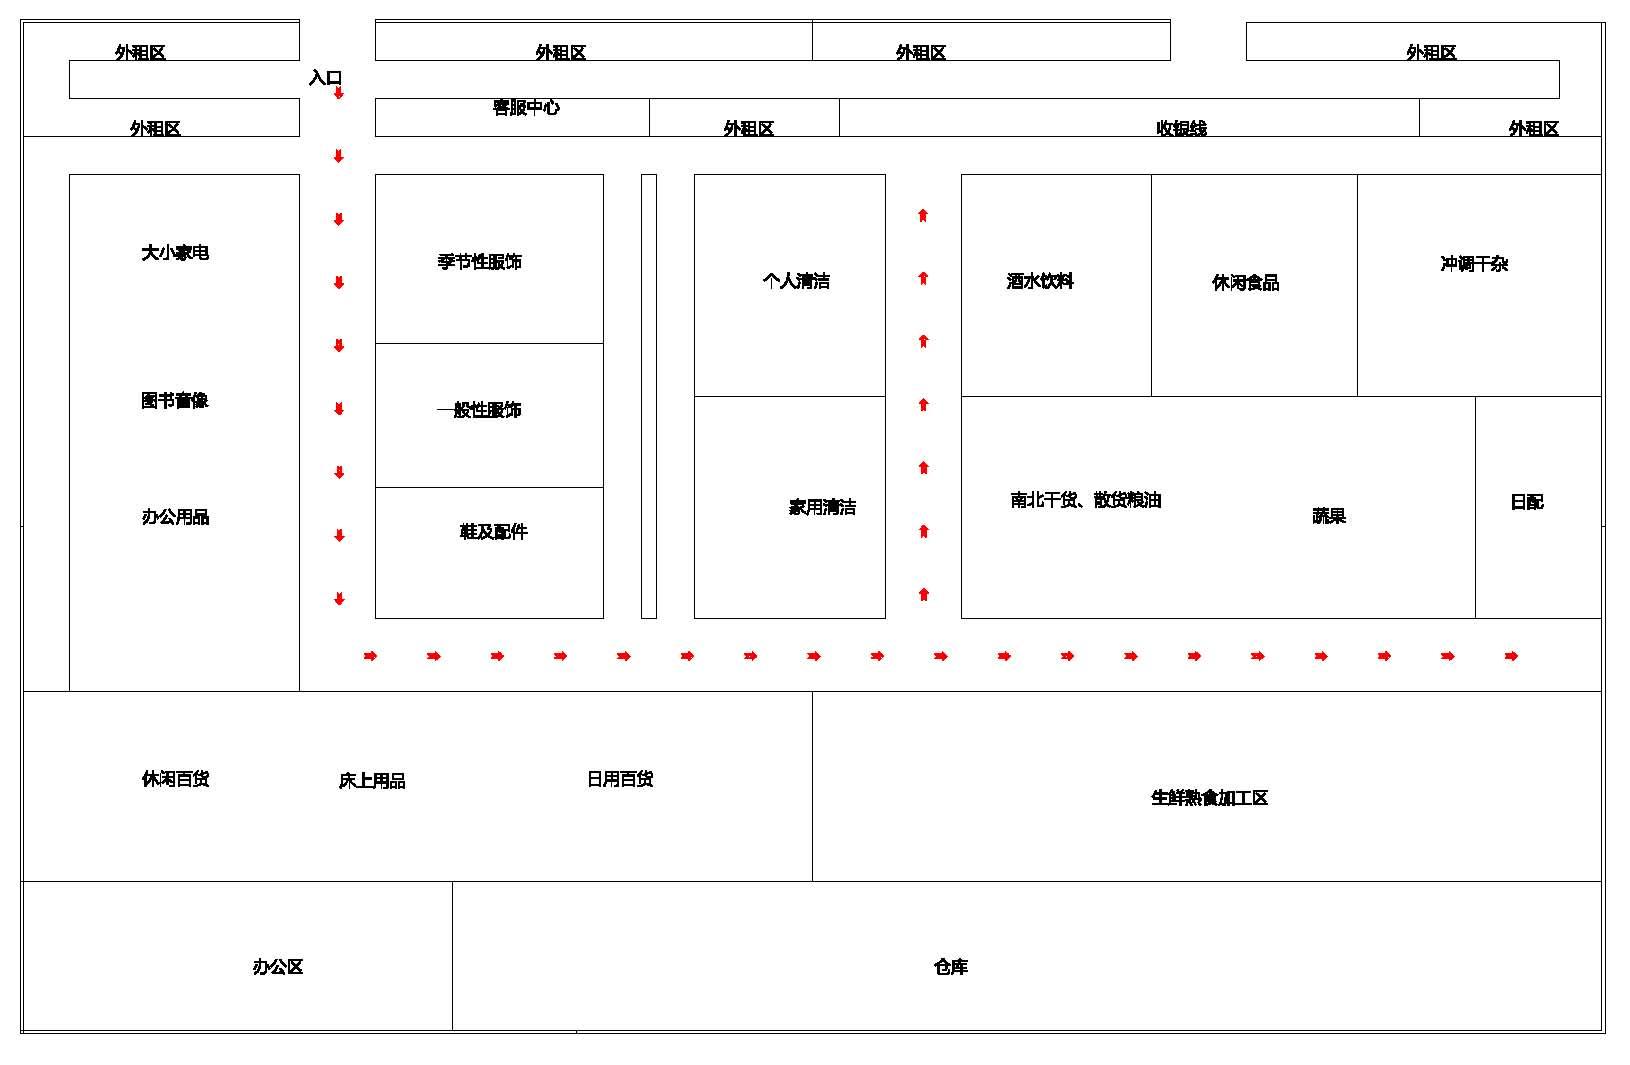 超市死角动线绘图-把每个布局做活成角透视室内设计手det365在线投注_皇冠det365足球网_det365是什么片